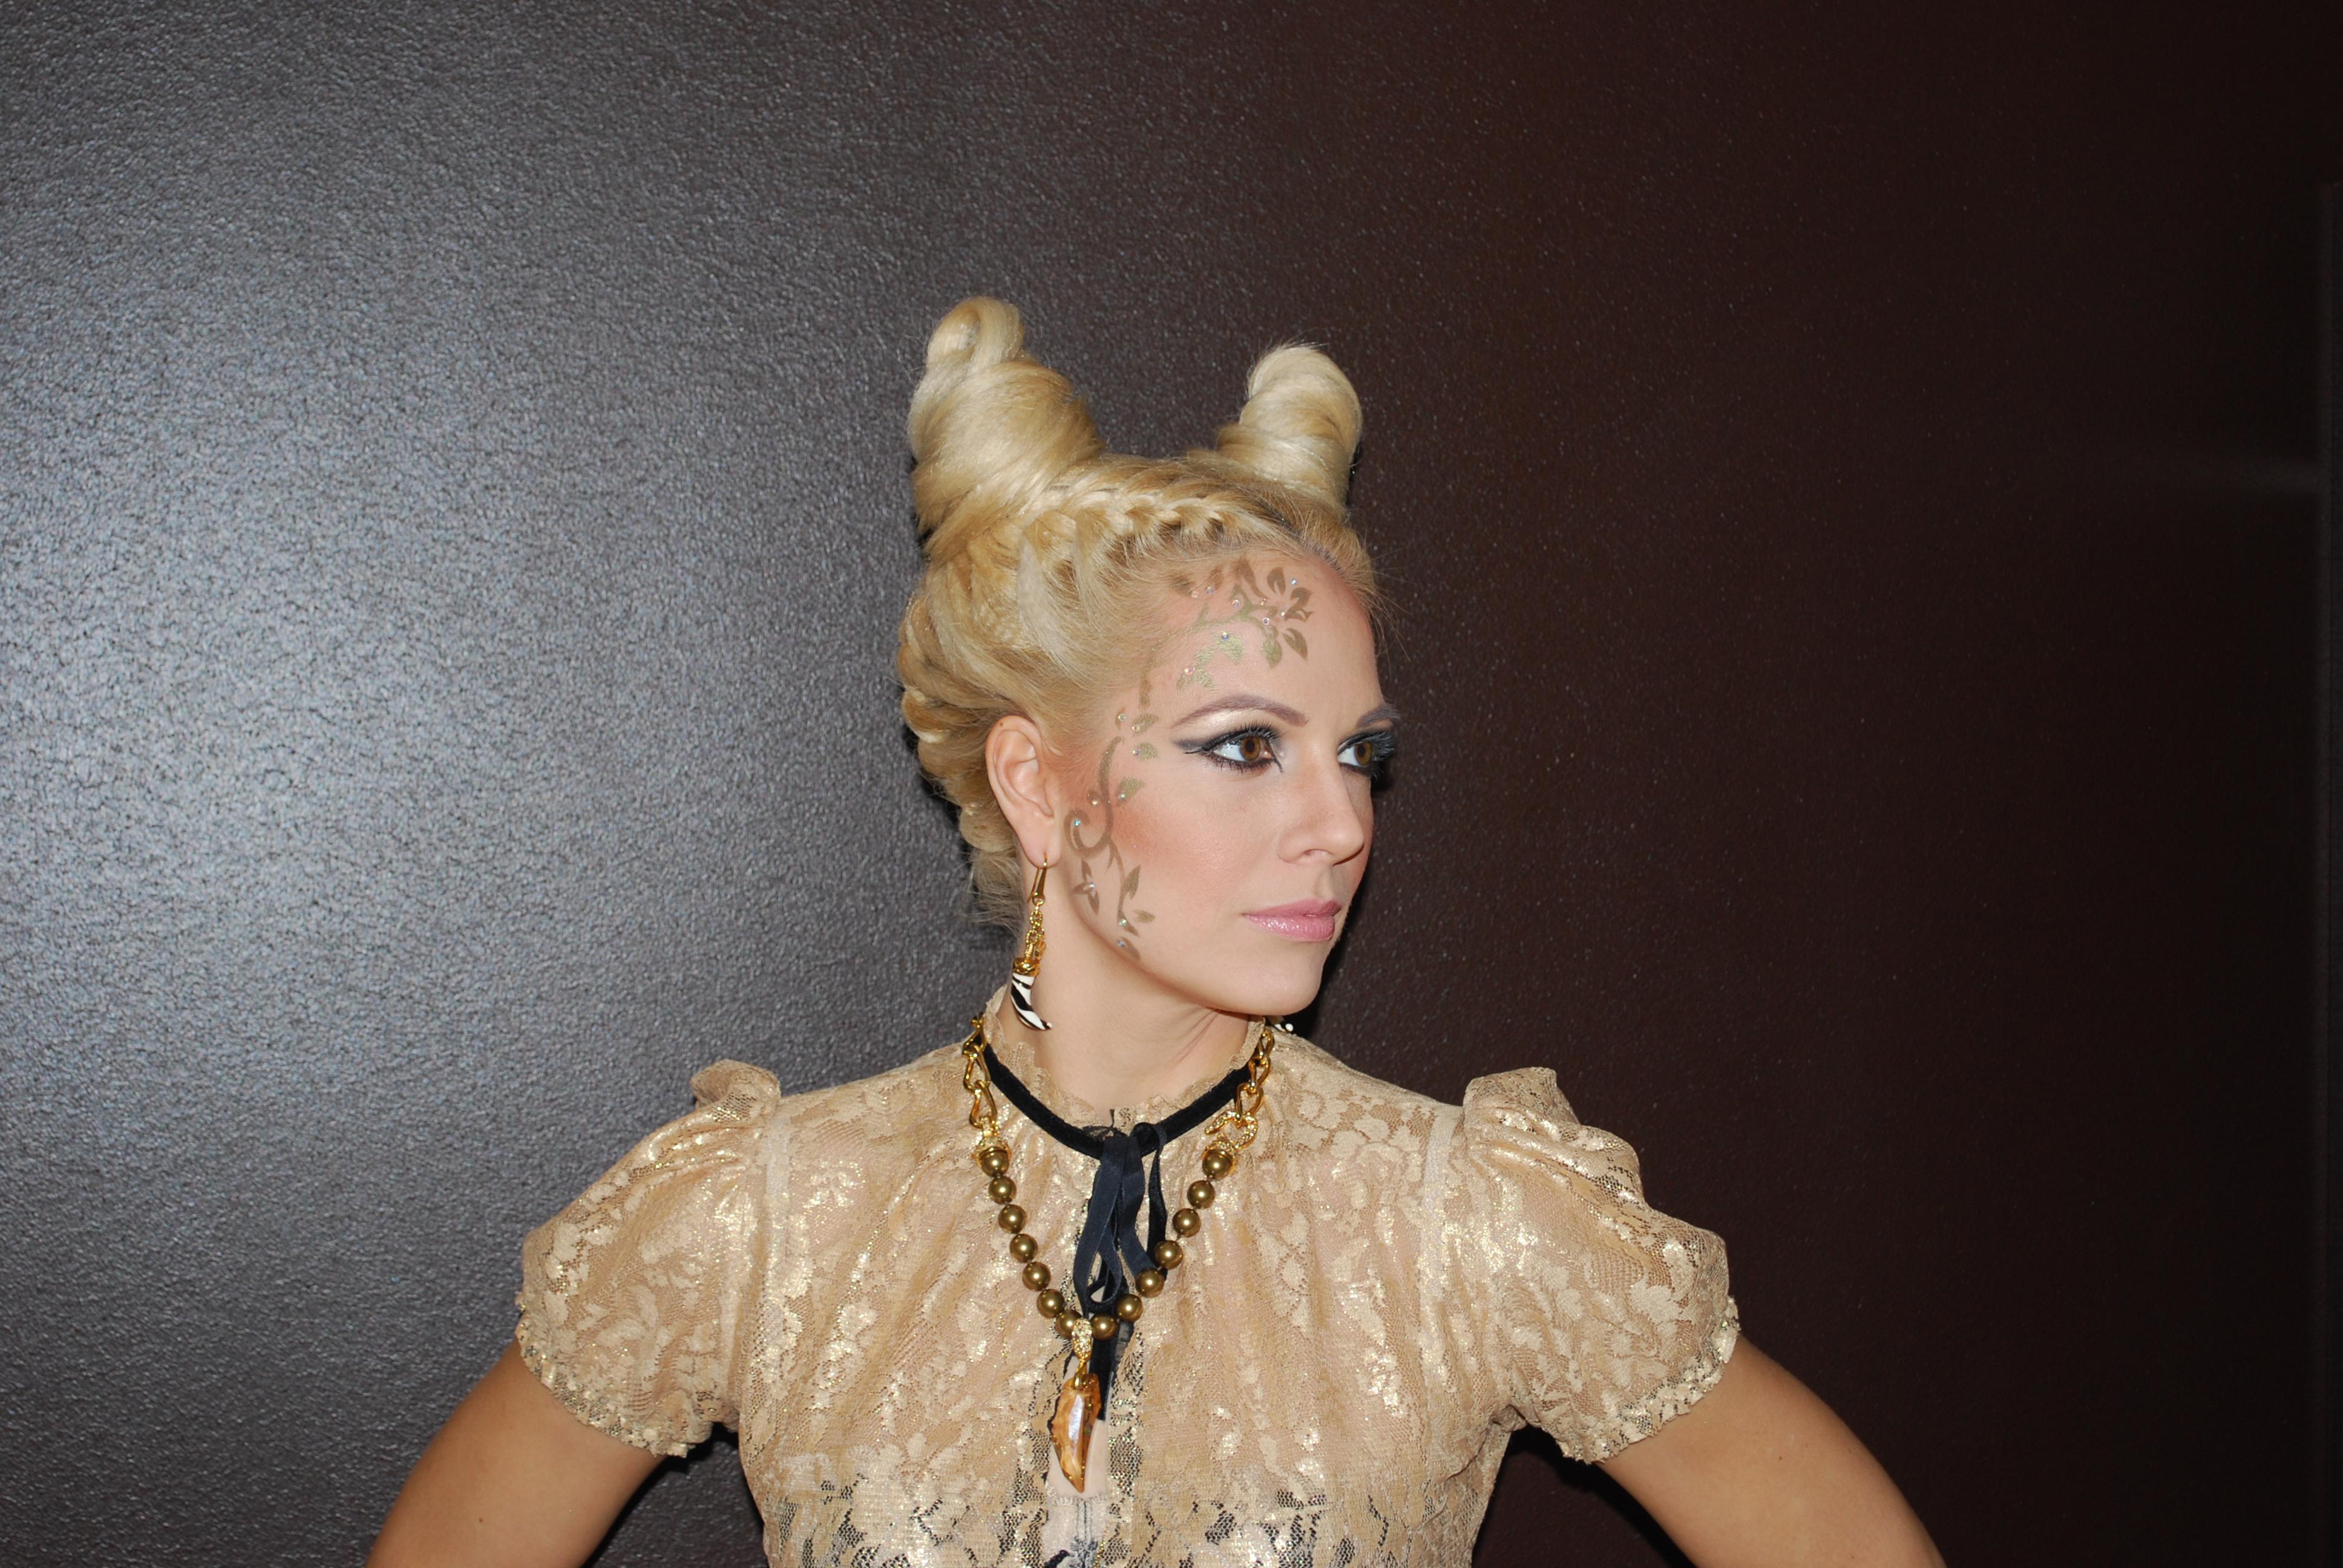 Halloween Hair Styles: 10 Halloween Hairstyles